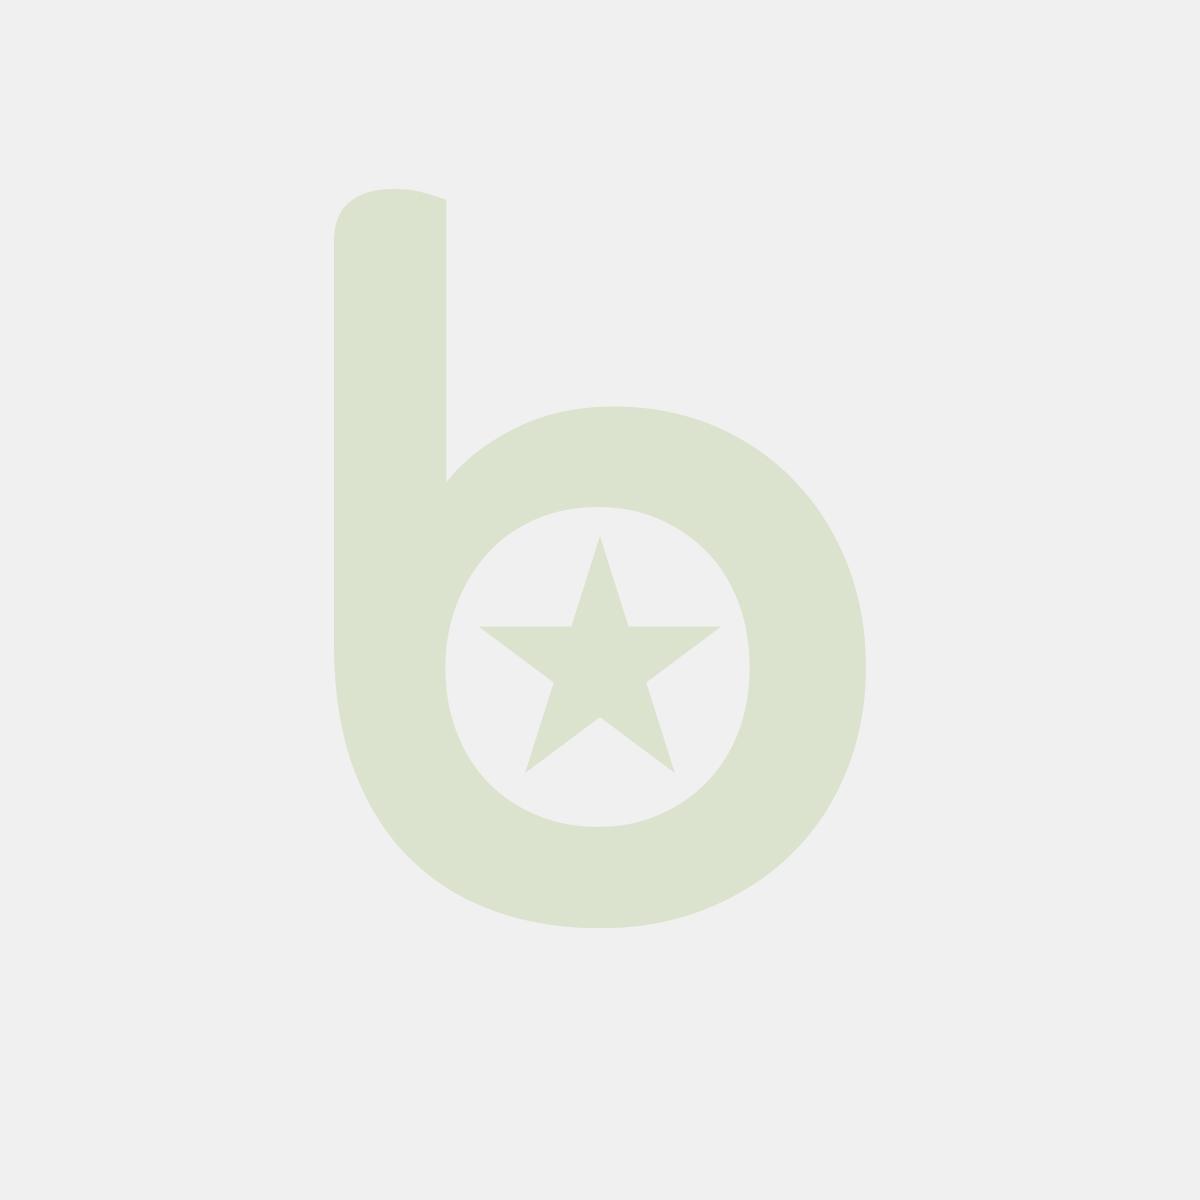 Etykiety uniwersalne MULTI 3, 199,6x289,1mm, zaokrąglone, białe